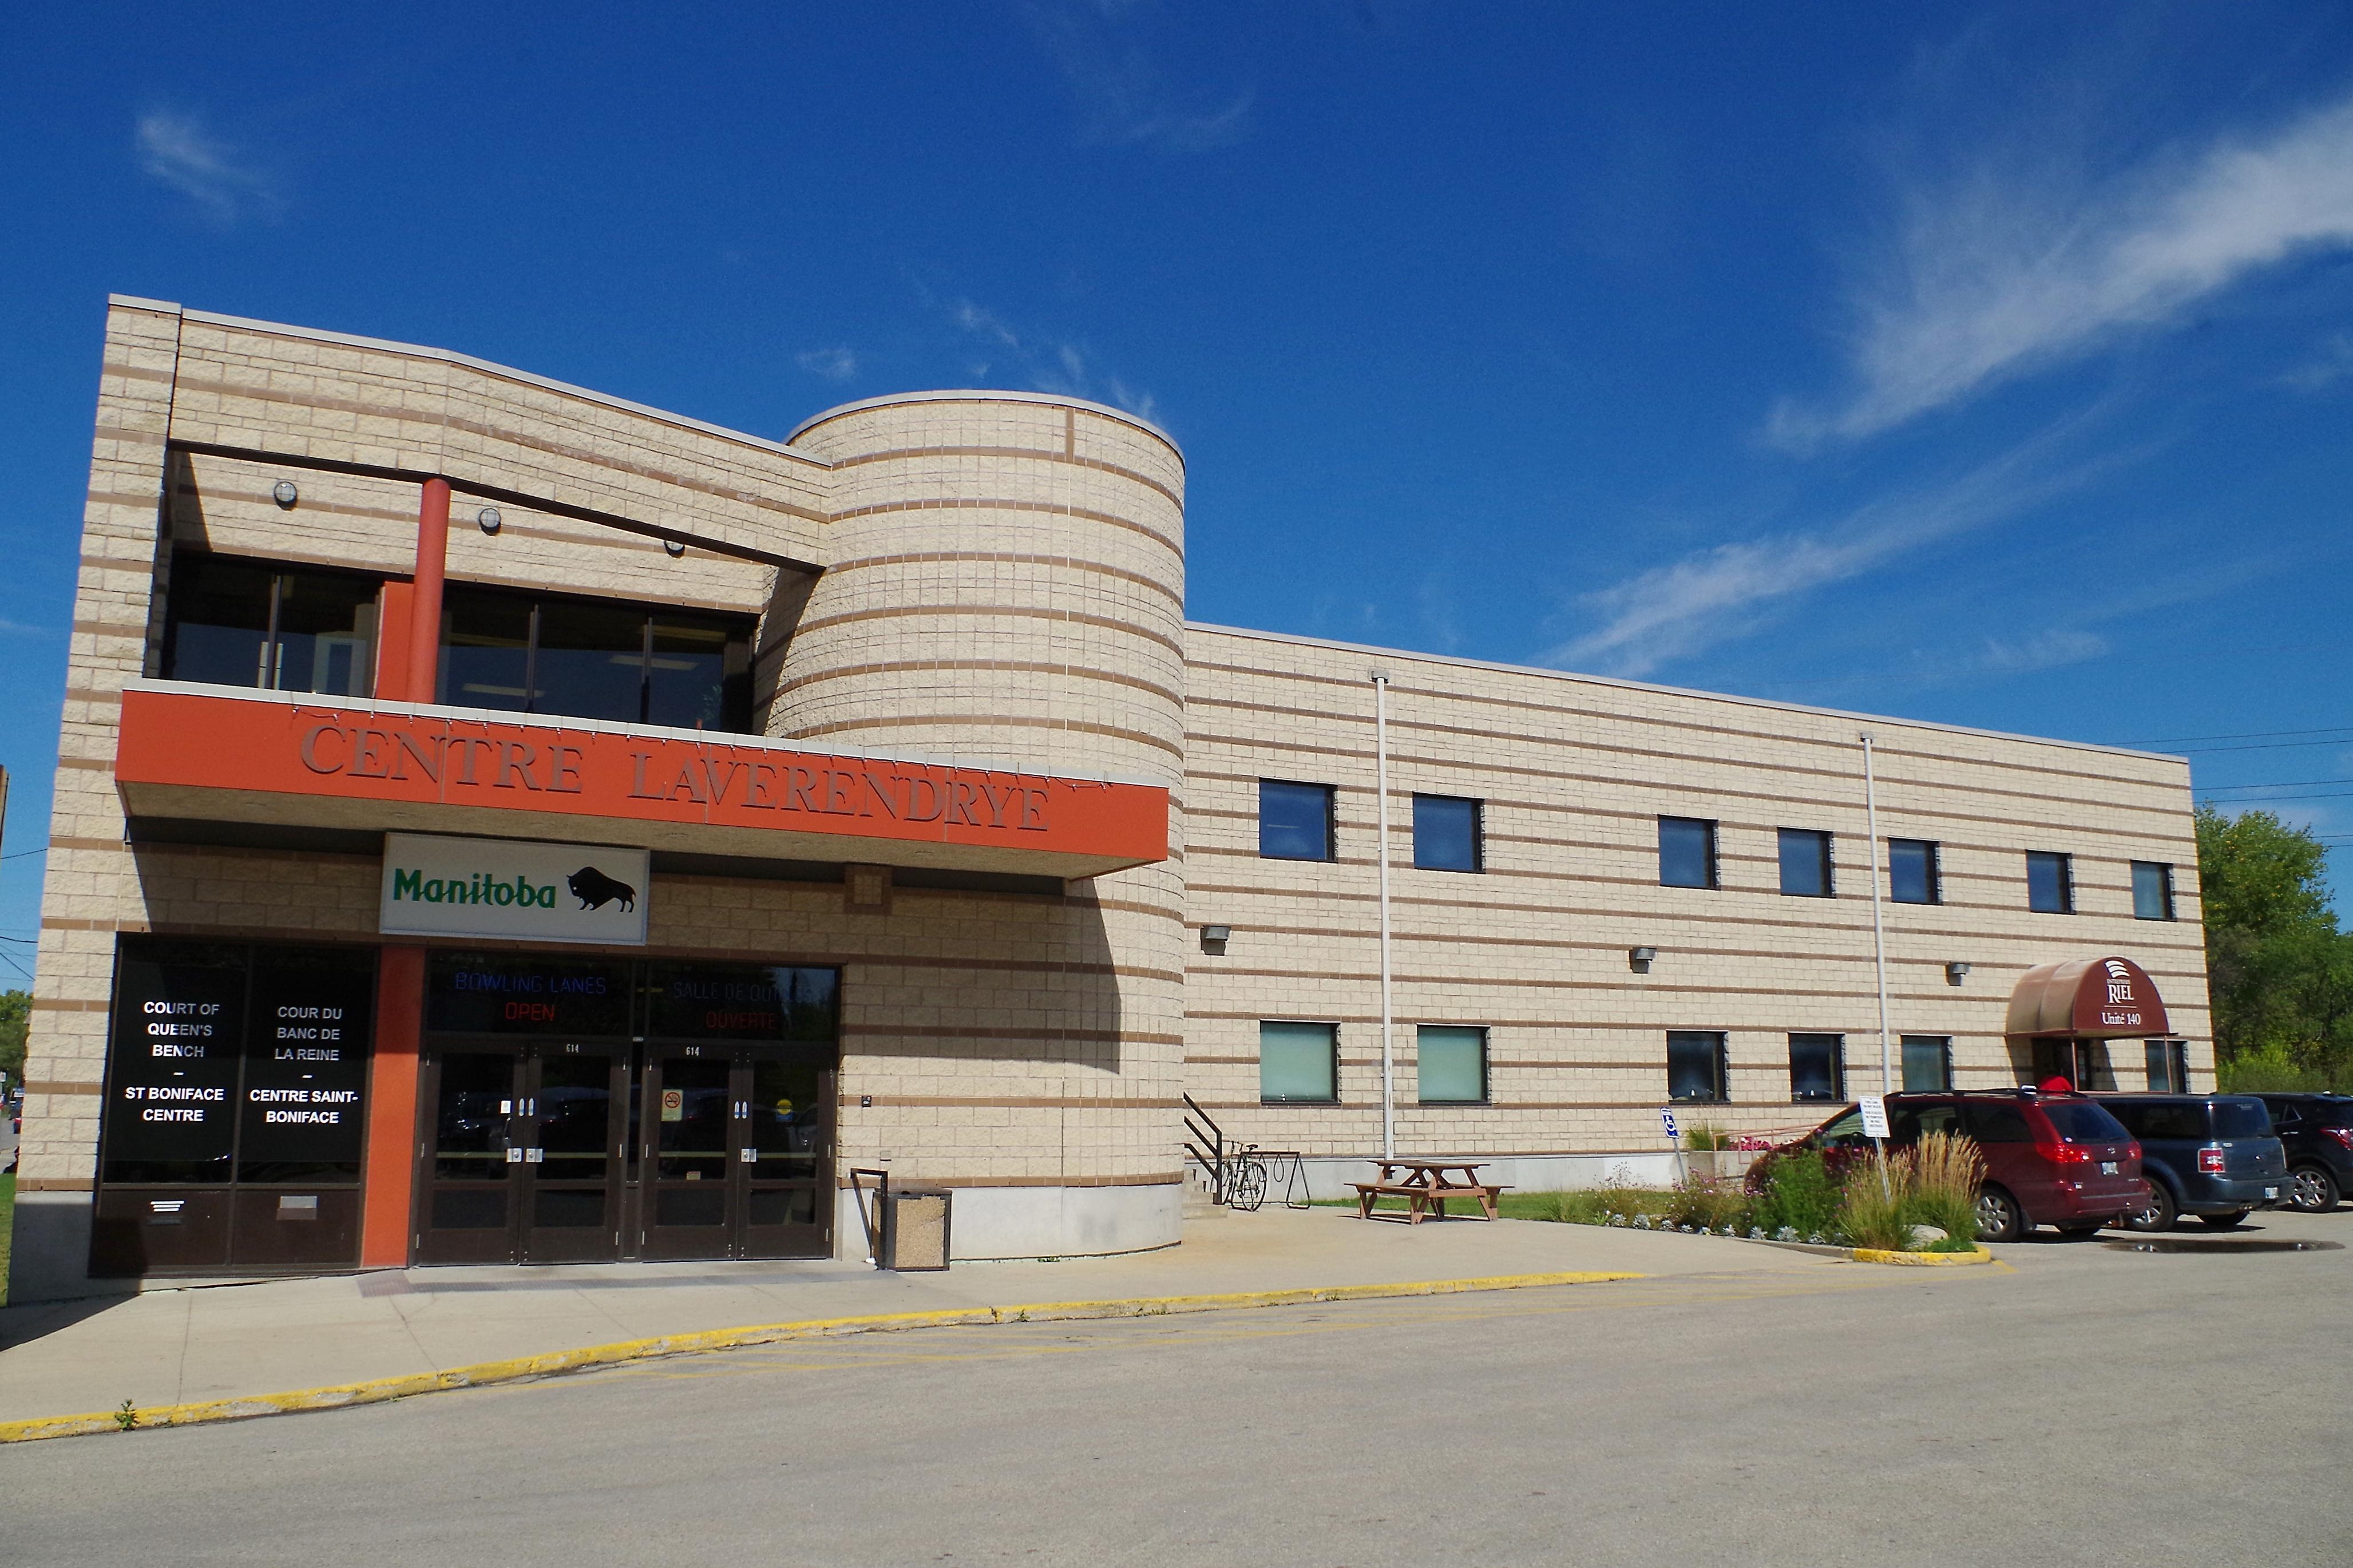 St Boniface Us Courthouses